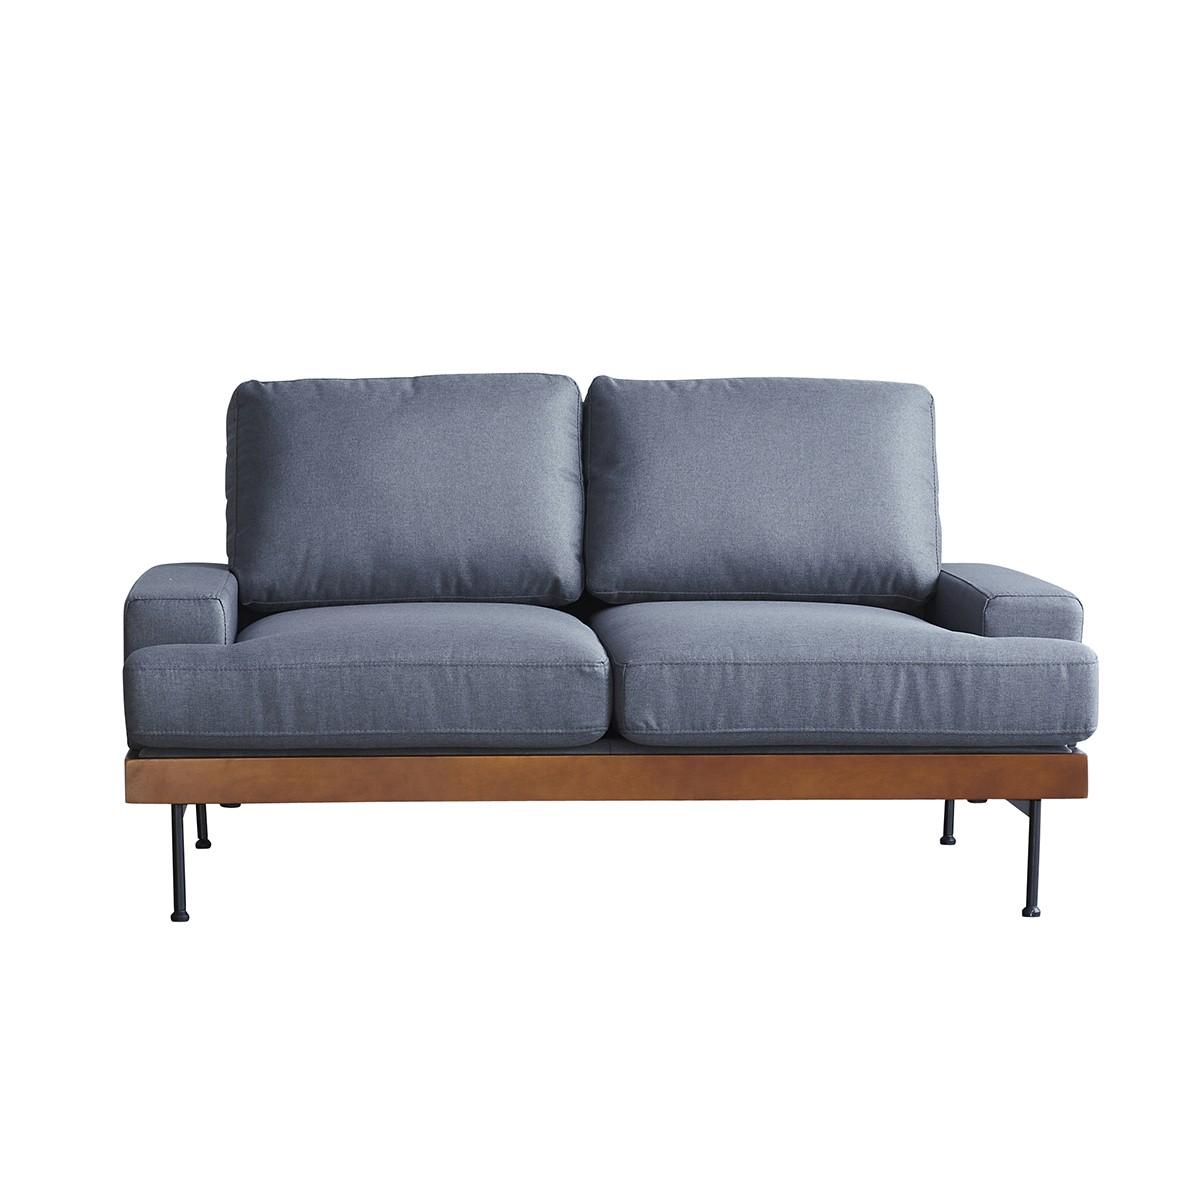 Canapé droit 2 places Gris Tissu